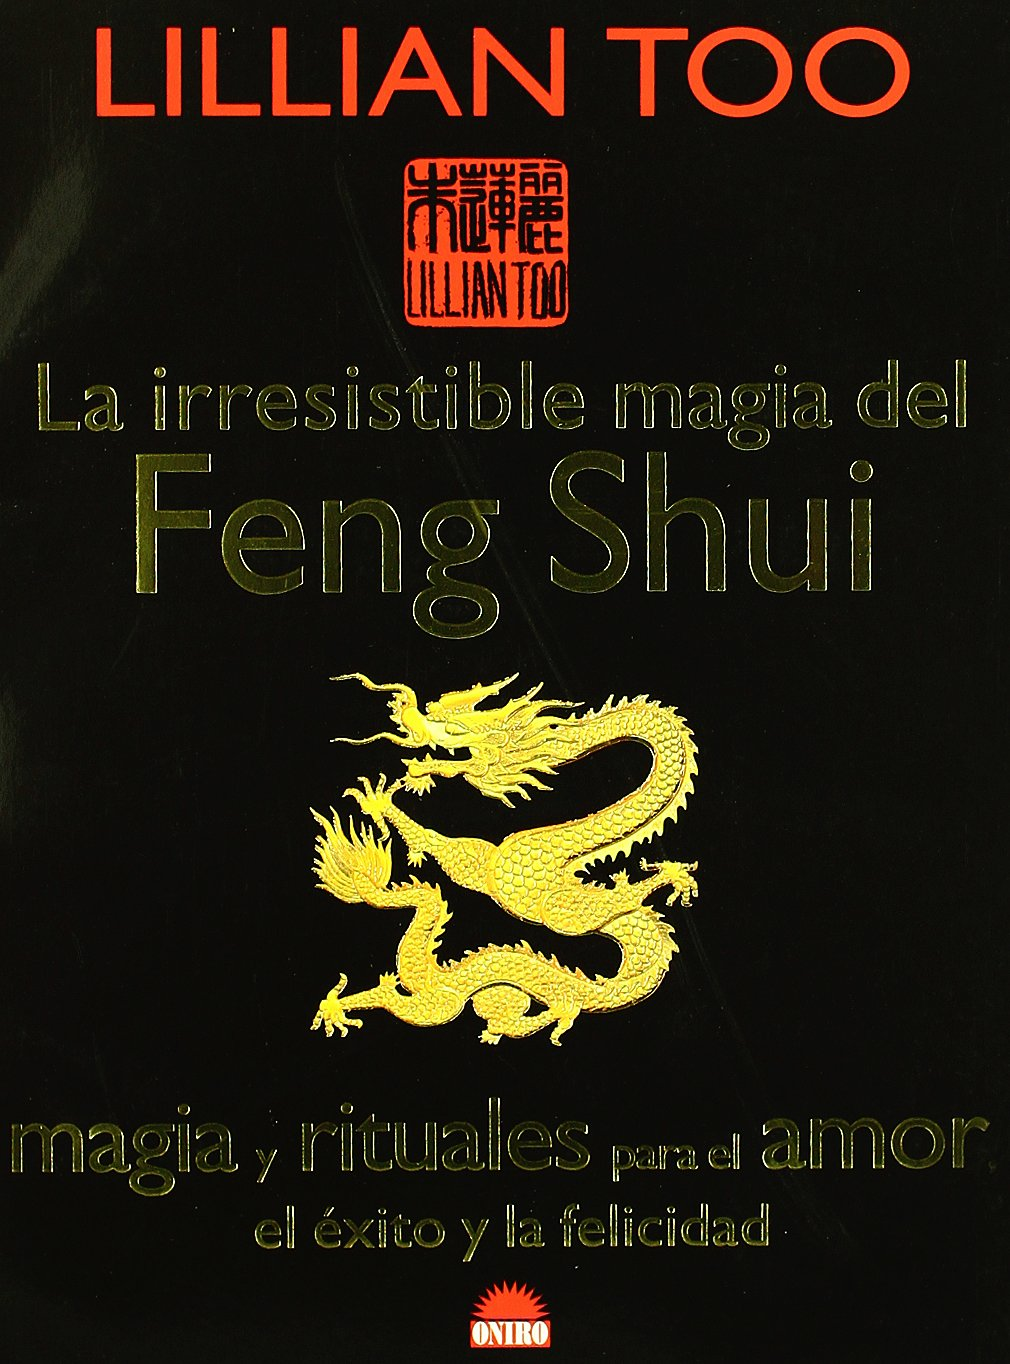 Download La Irresistible Magia Del Feng Shui/ Irresistible Feng Shui Magic: Magia Y Rituales Para El Amor, El Exito Y La Felicidad / Magic and Rituals for Love, Success and Happiness (Spanish Edition) Text fb2 ebook